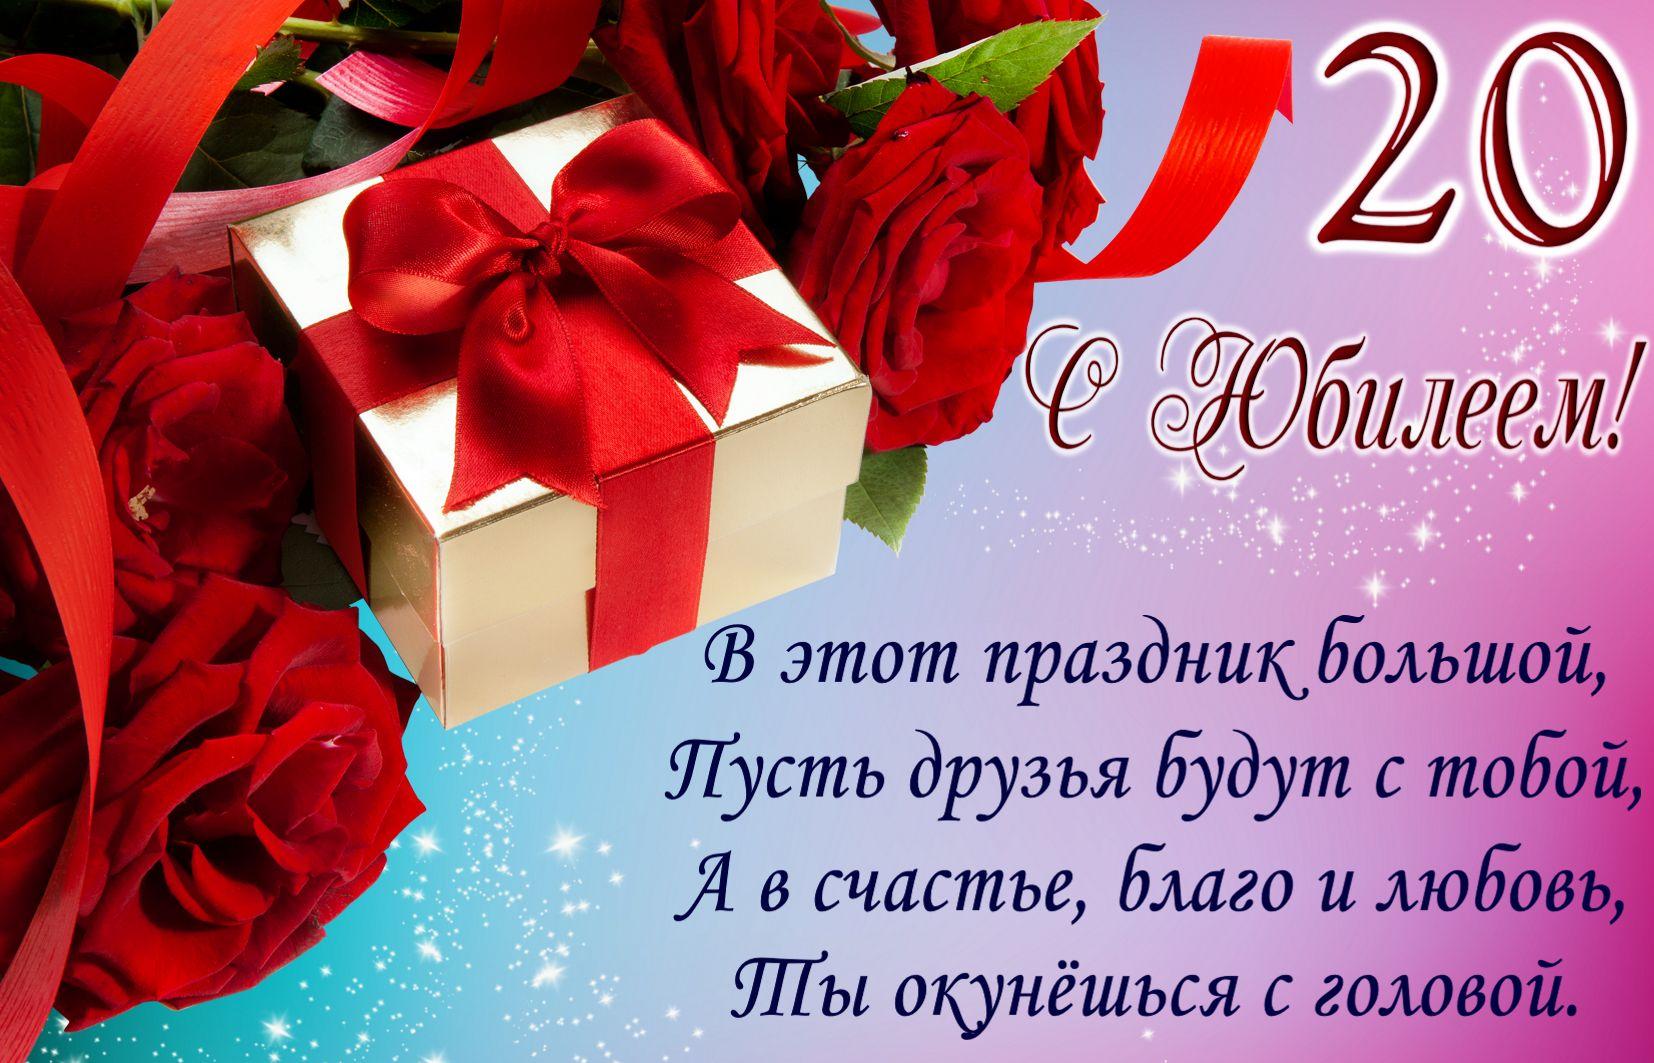 Праздничные открытки к юбилею